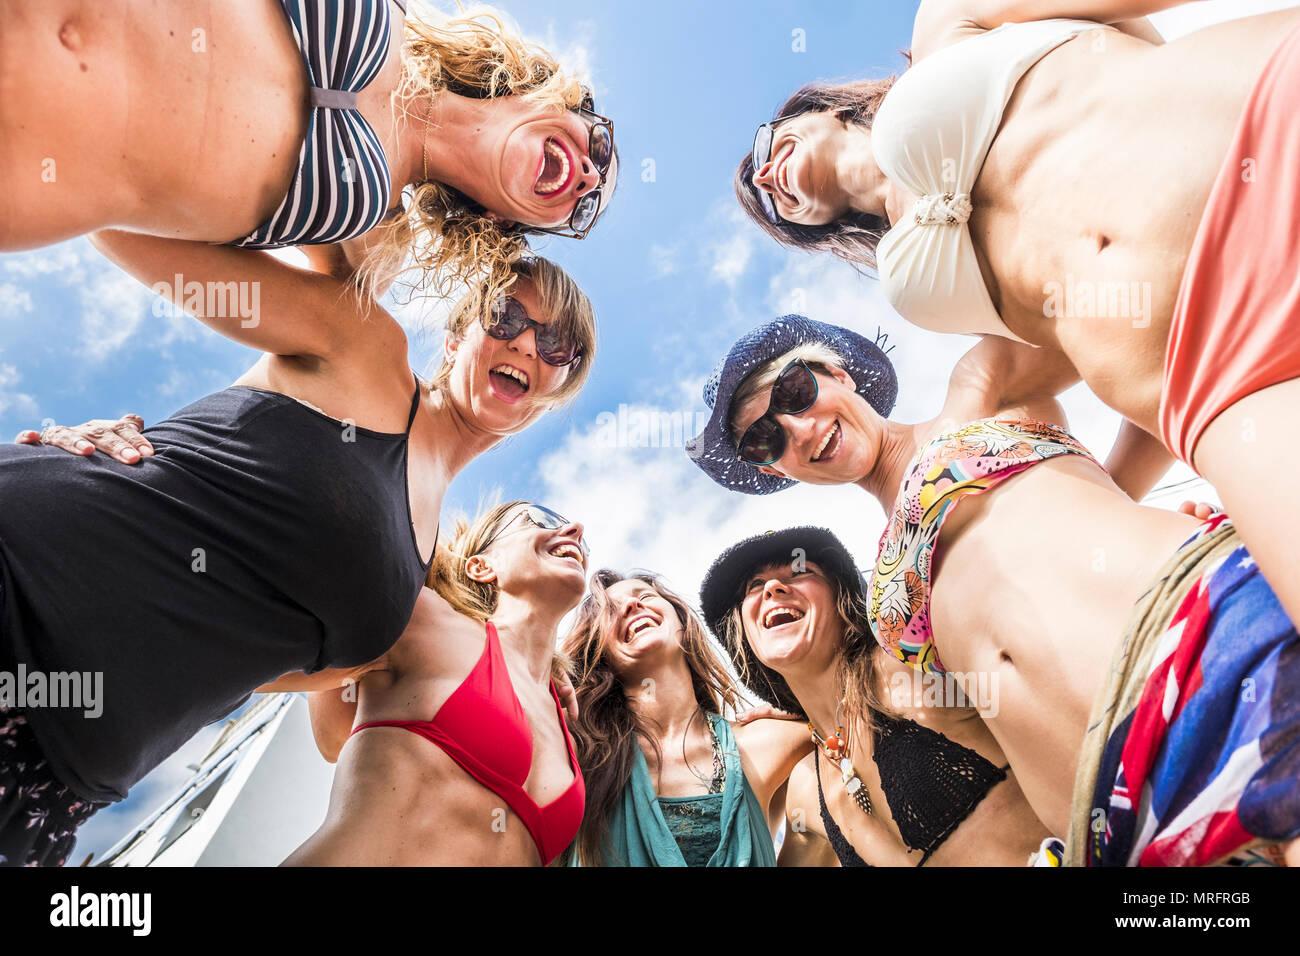 Beau portrait de sept femmes femmes caucasian du bas point de vue dans le milieu du groupe. les gens heureux de s'amuser ensemble dans les relations Photo Stock